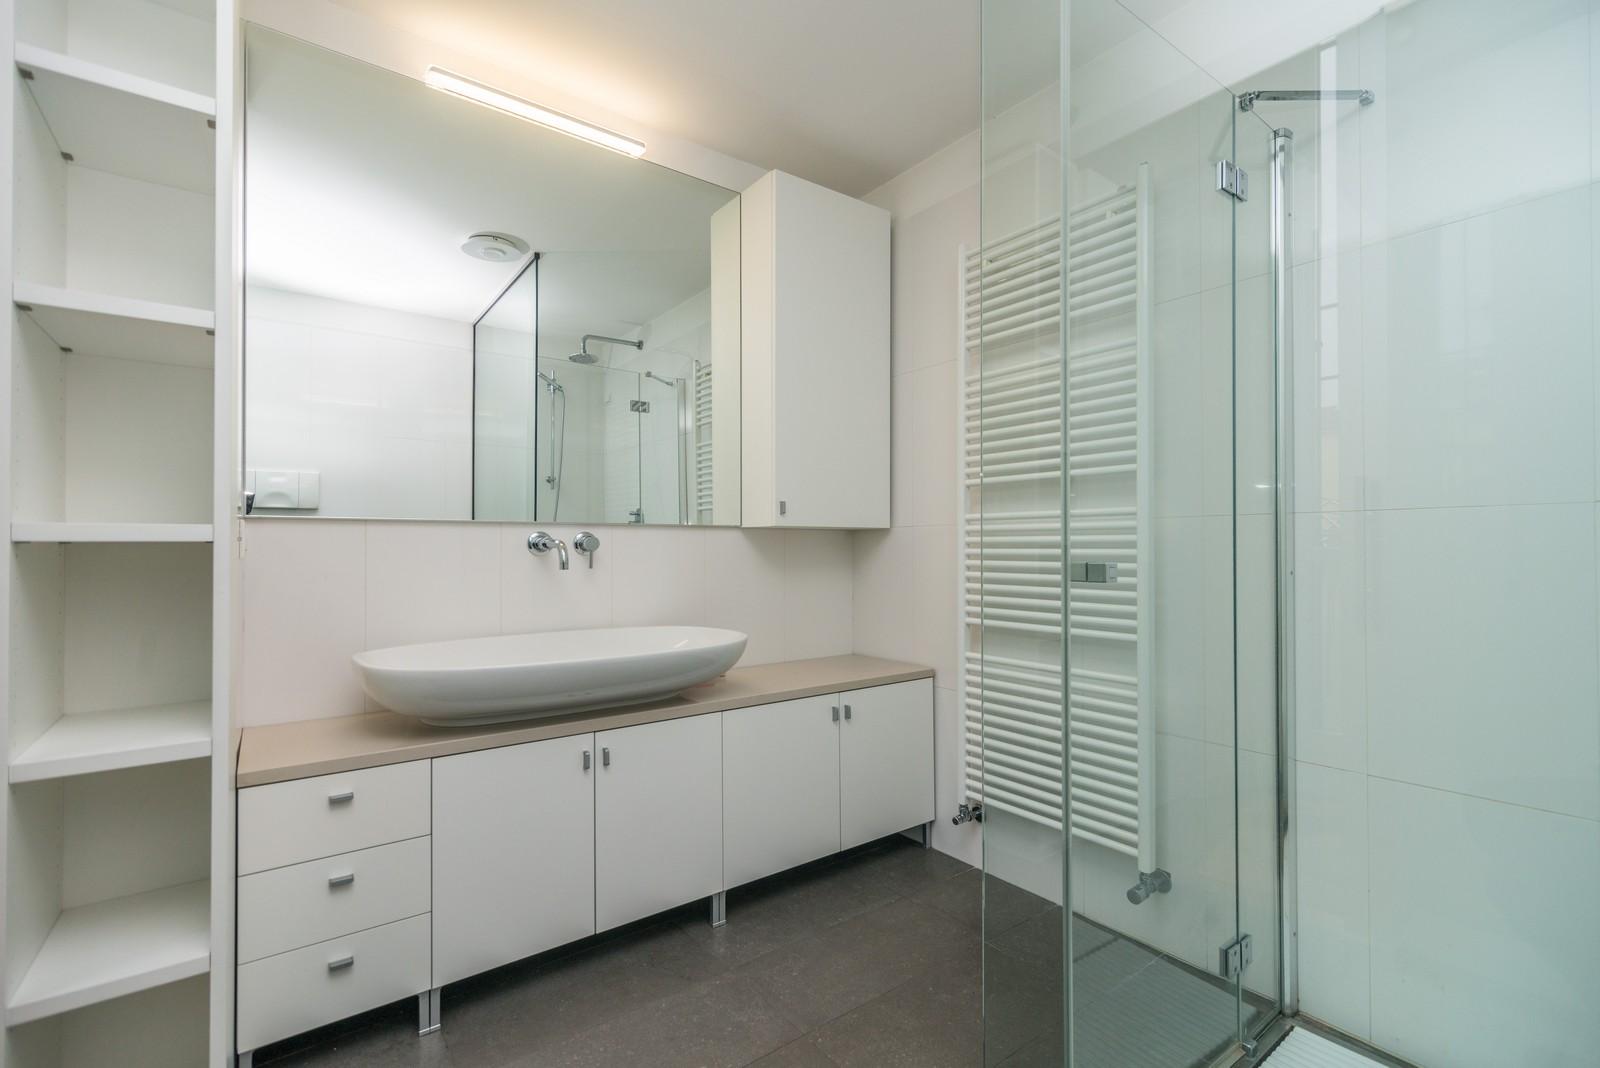 Vendita: Moderno ed elegante loft in zona Navigli - Immobiliare Mieli